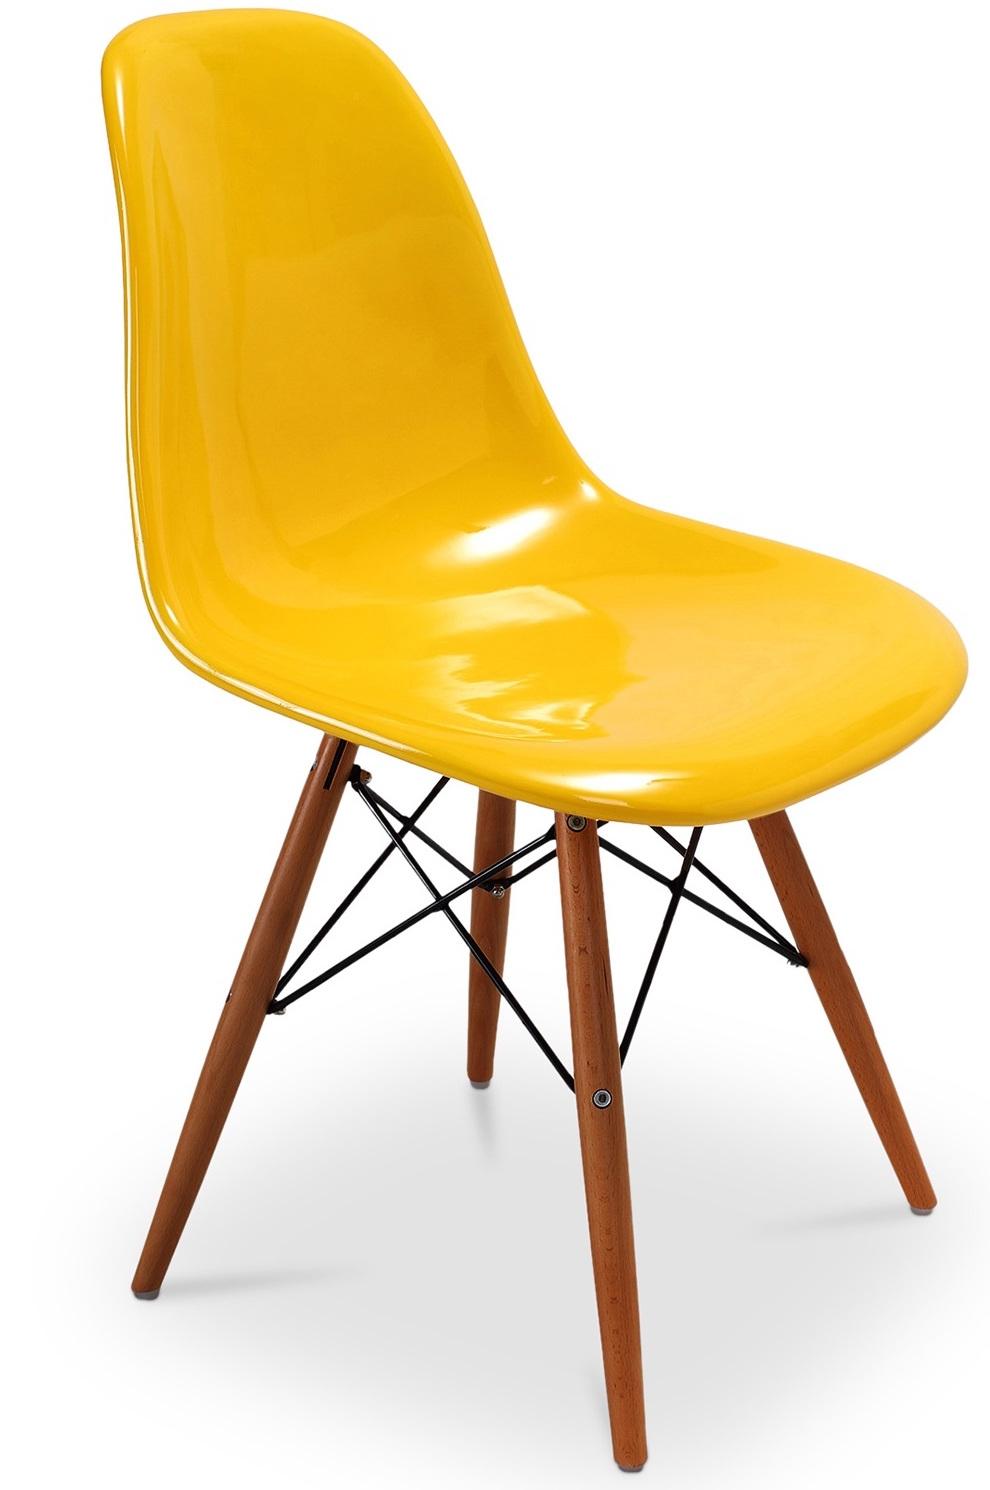 Chaise fibre de verre jaune brillant pieds h tre fonc inspir e dsw lestend - Chaise eames dsw fibre de verre ...